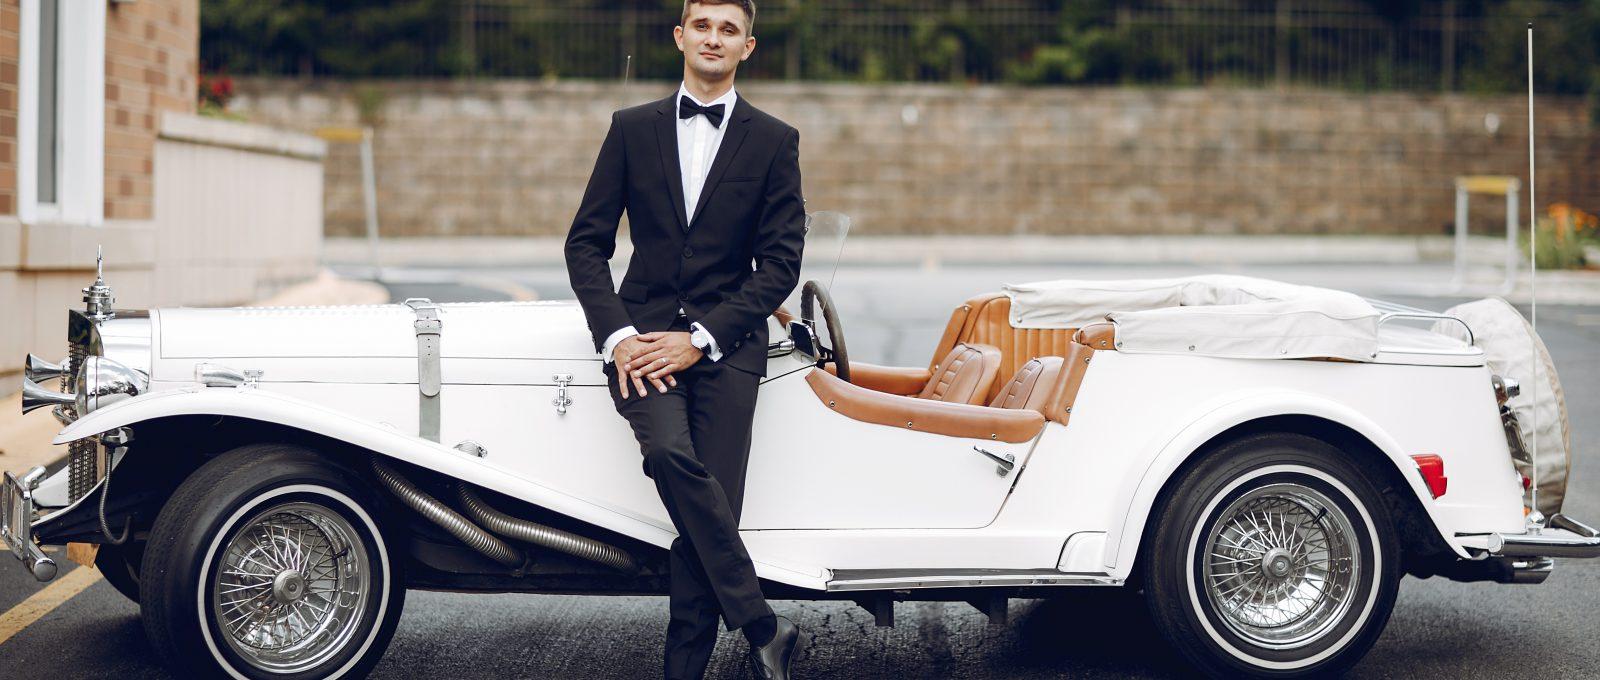 Wedding Prom Car